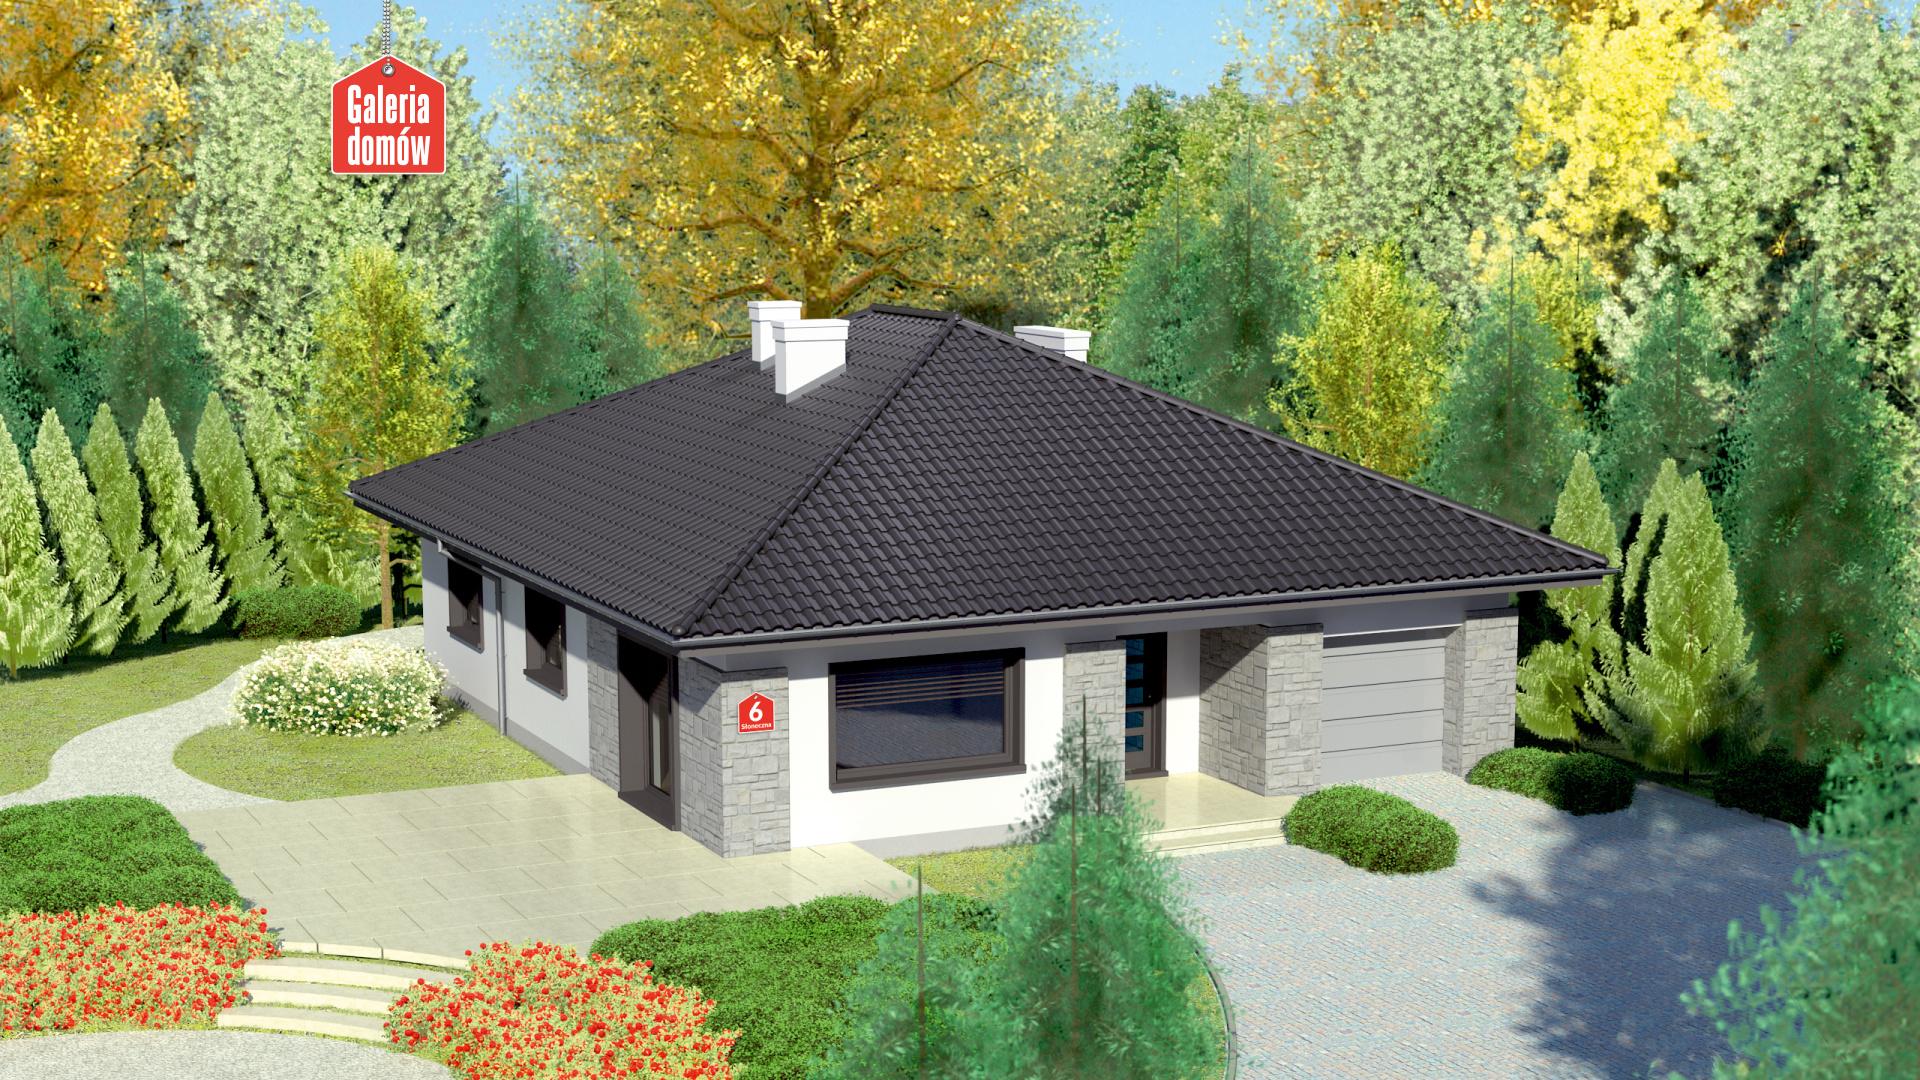 Dom Przy Slonecznej 6 Gotowy Projekt Domu Jednorodzinnego